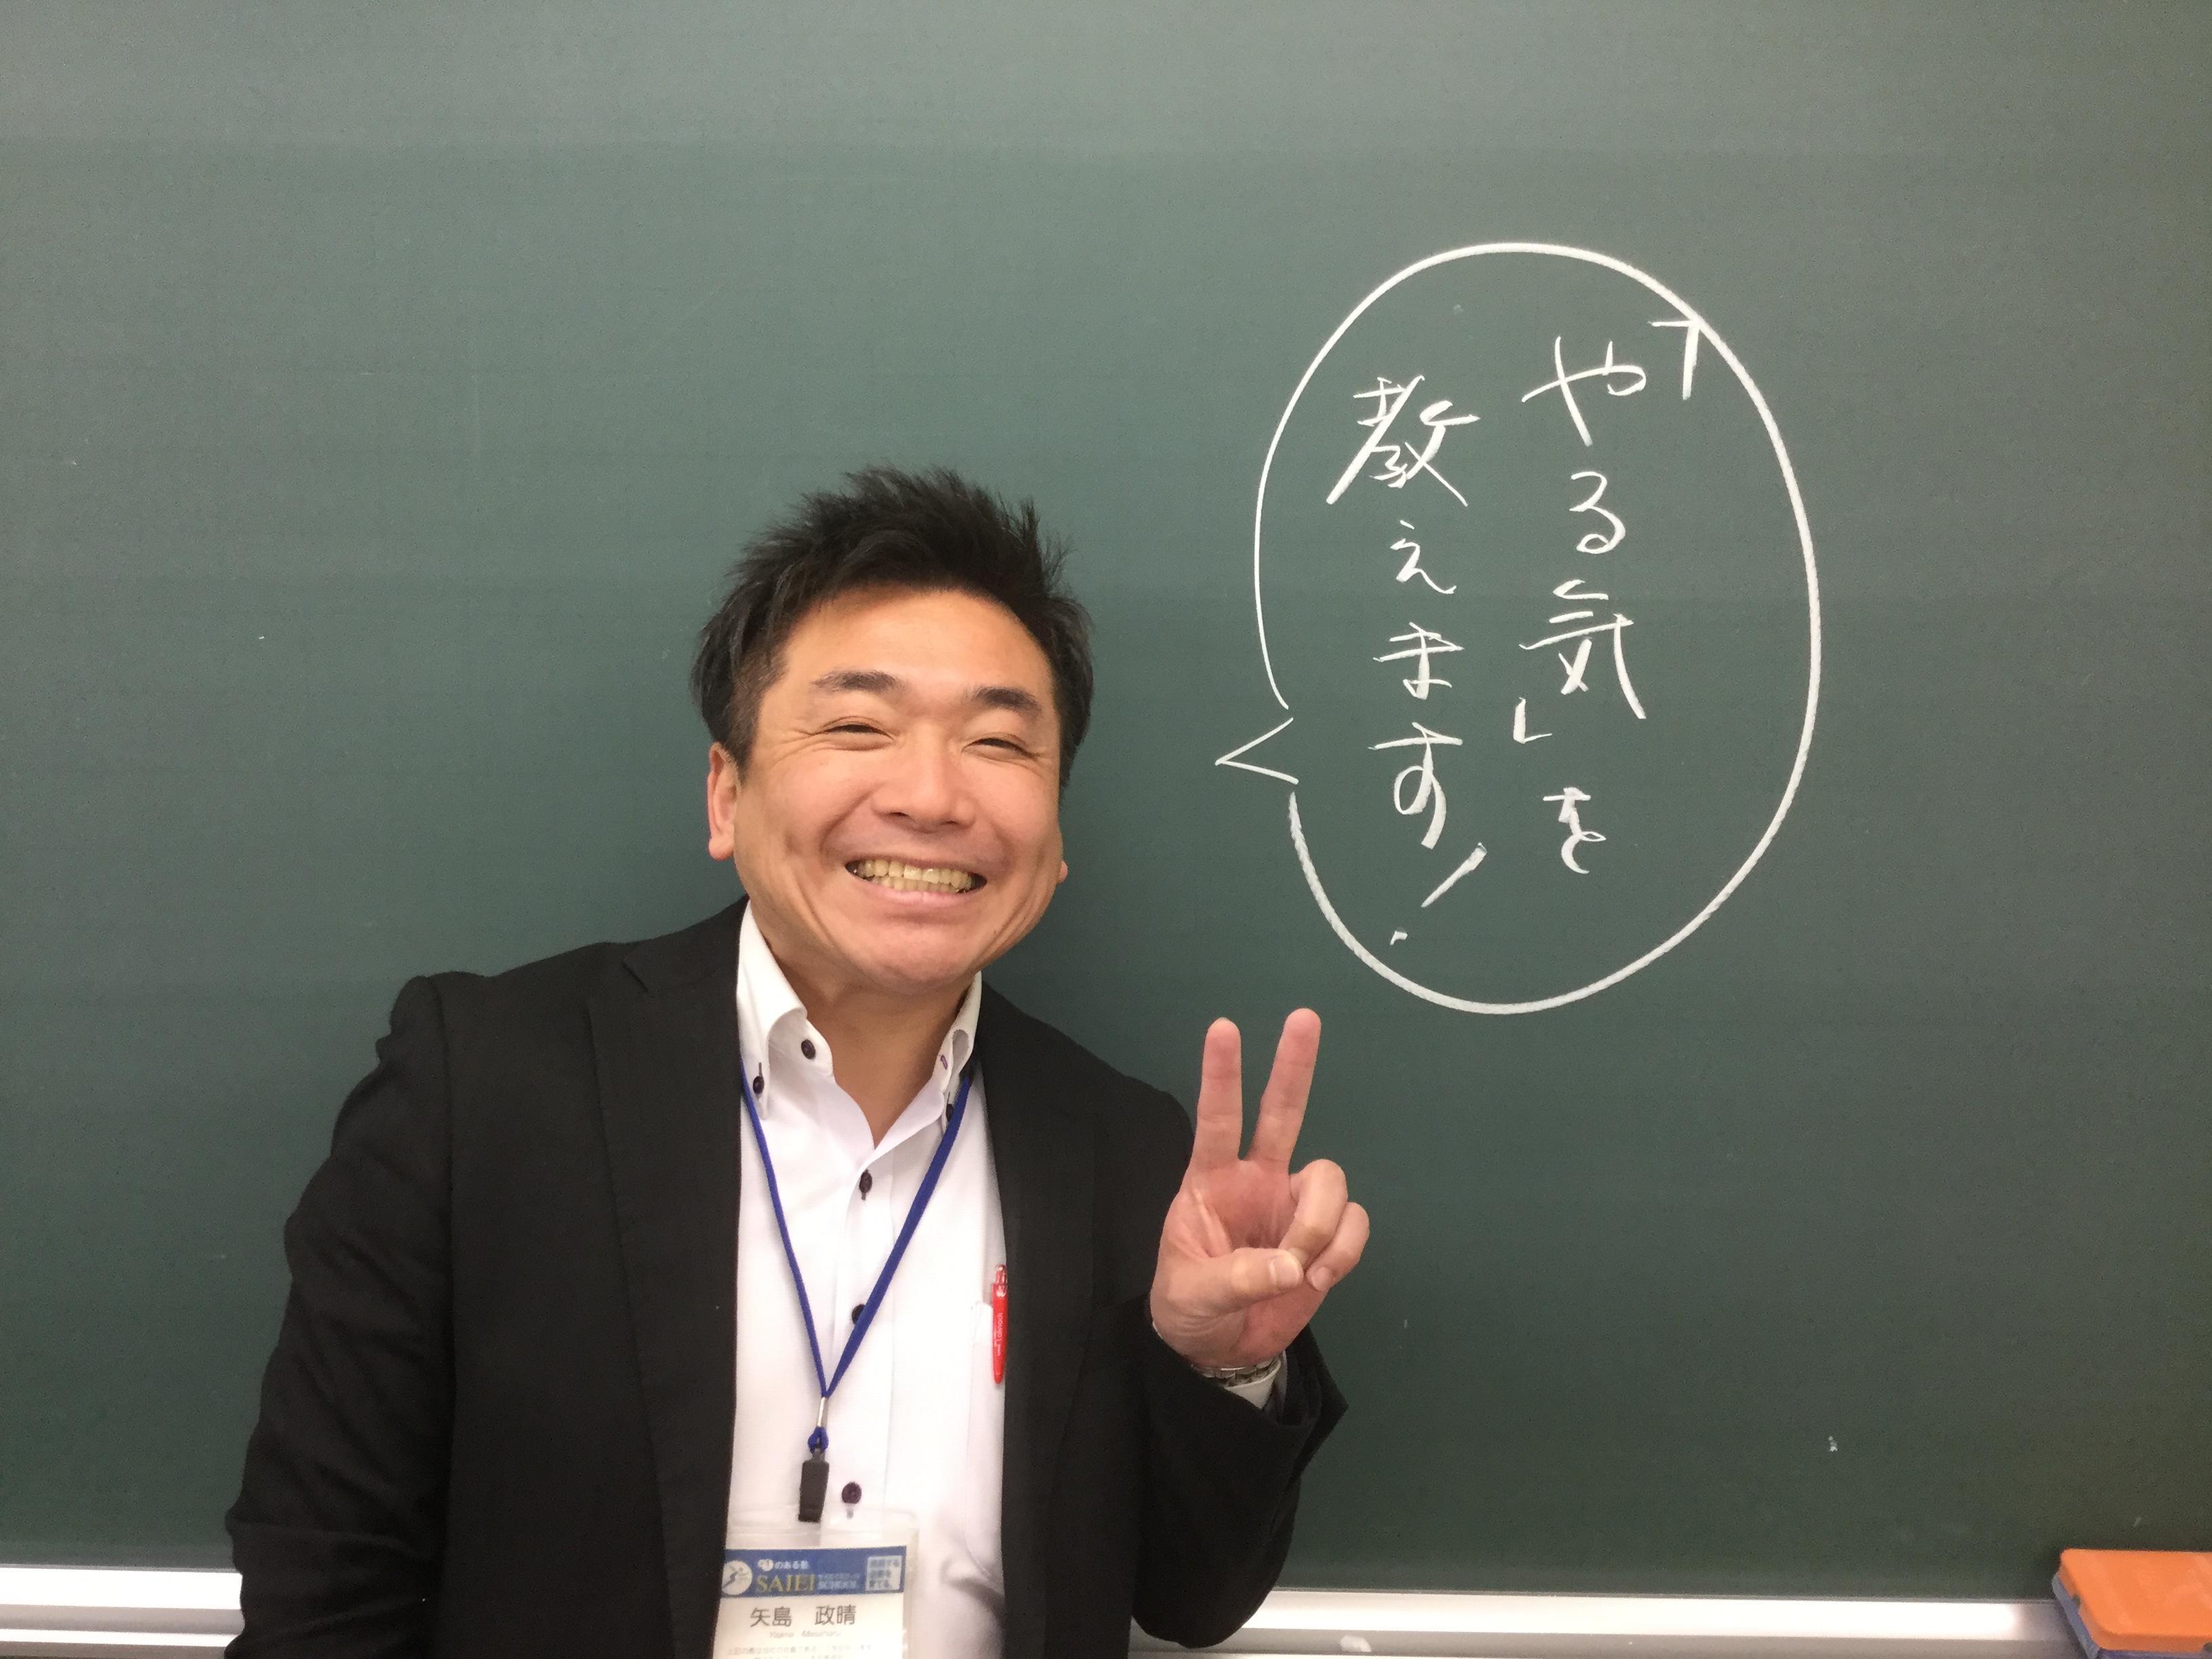 授業コンテスト英語科優勝4回 テレ玉入試解説講座出演2回